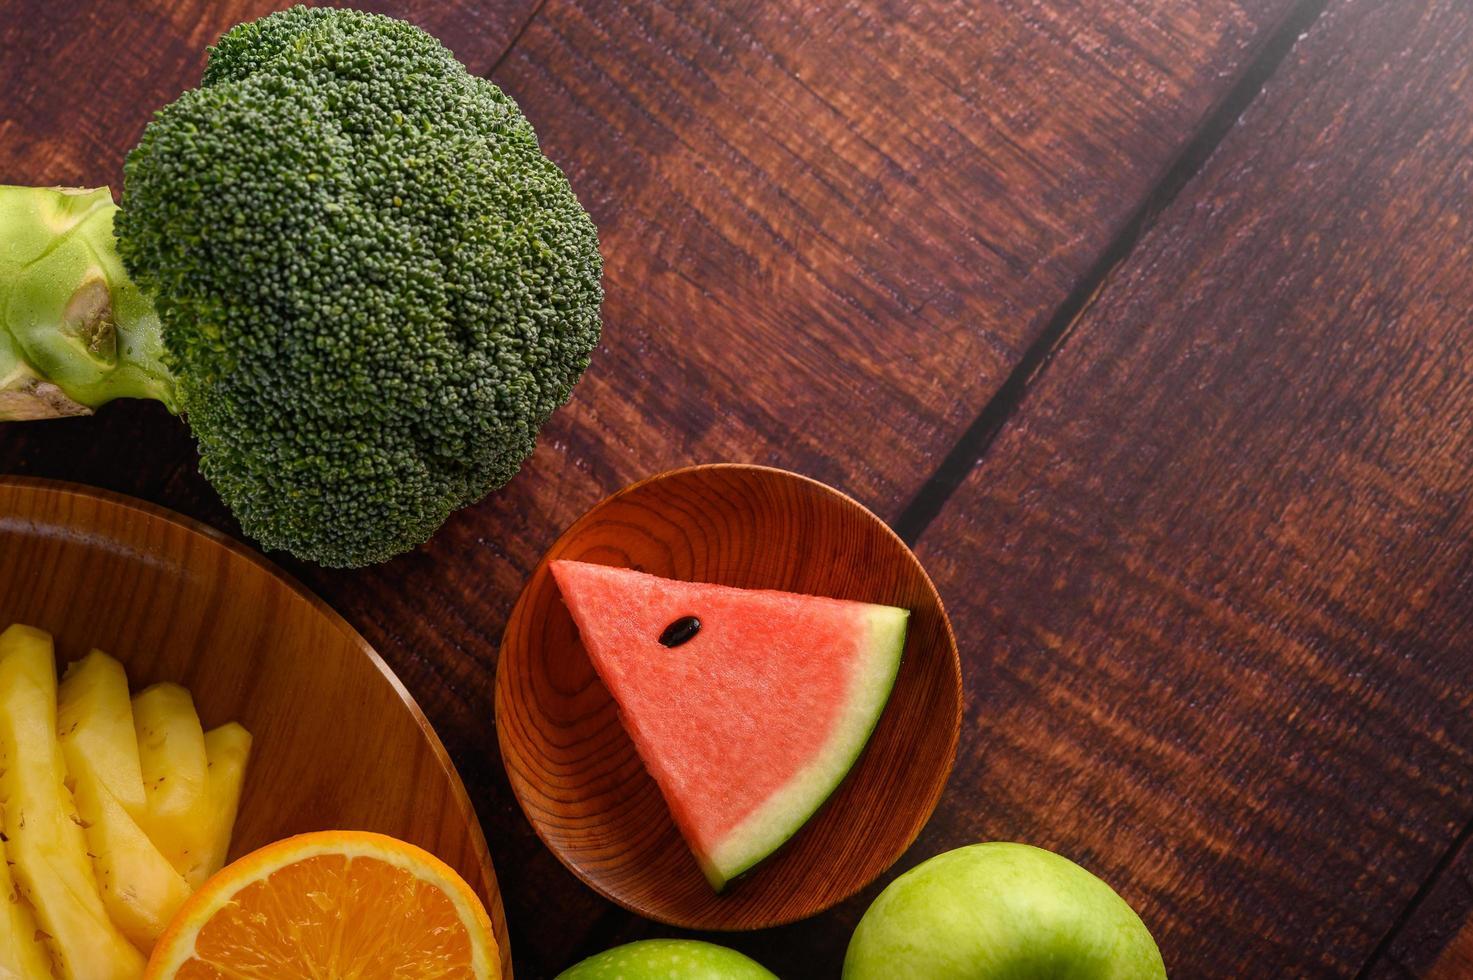 cortar sandías, naranjas y piñas con manzanas y brócoli foto